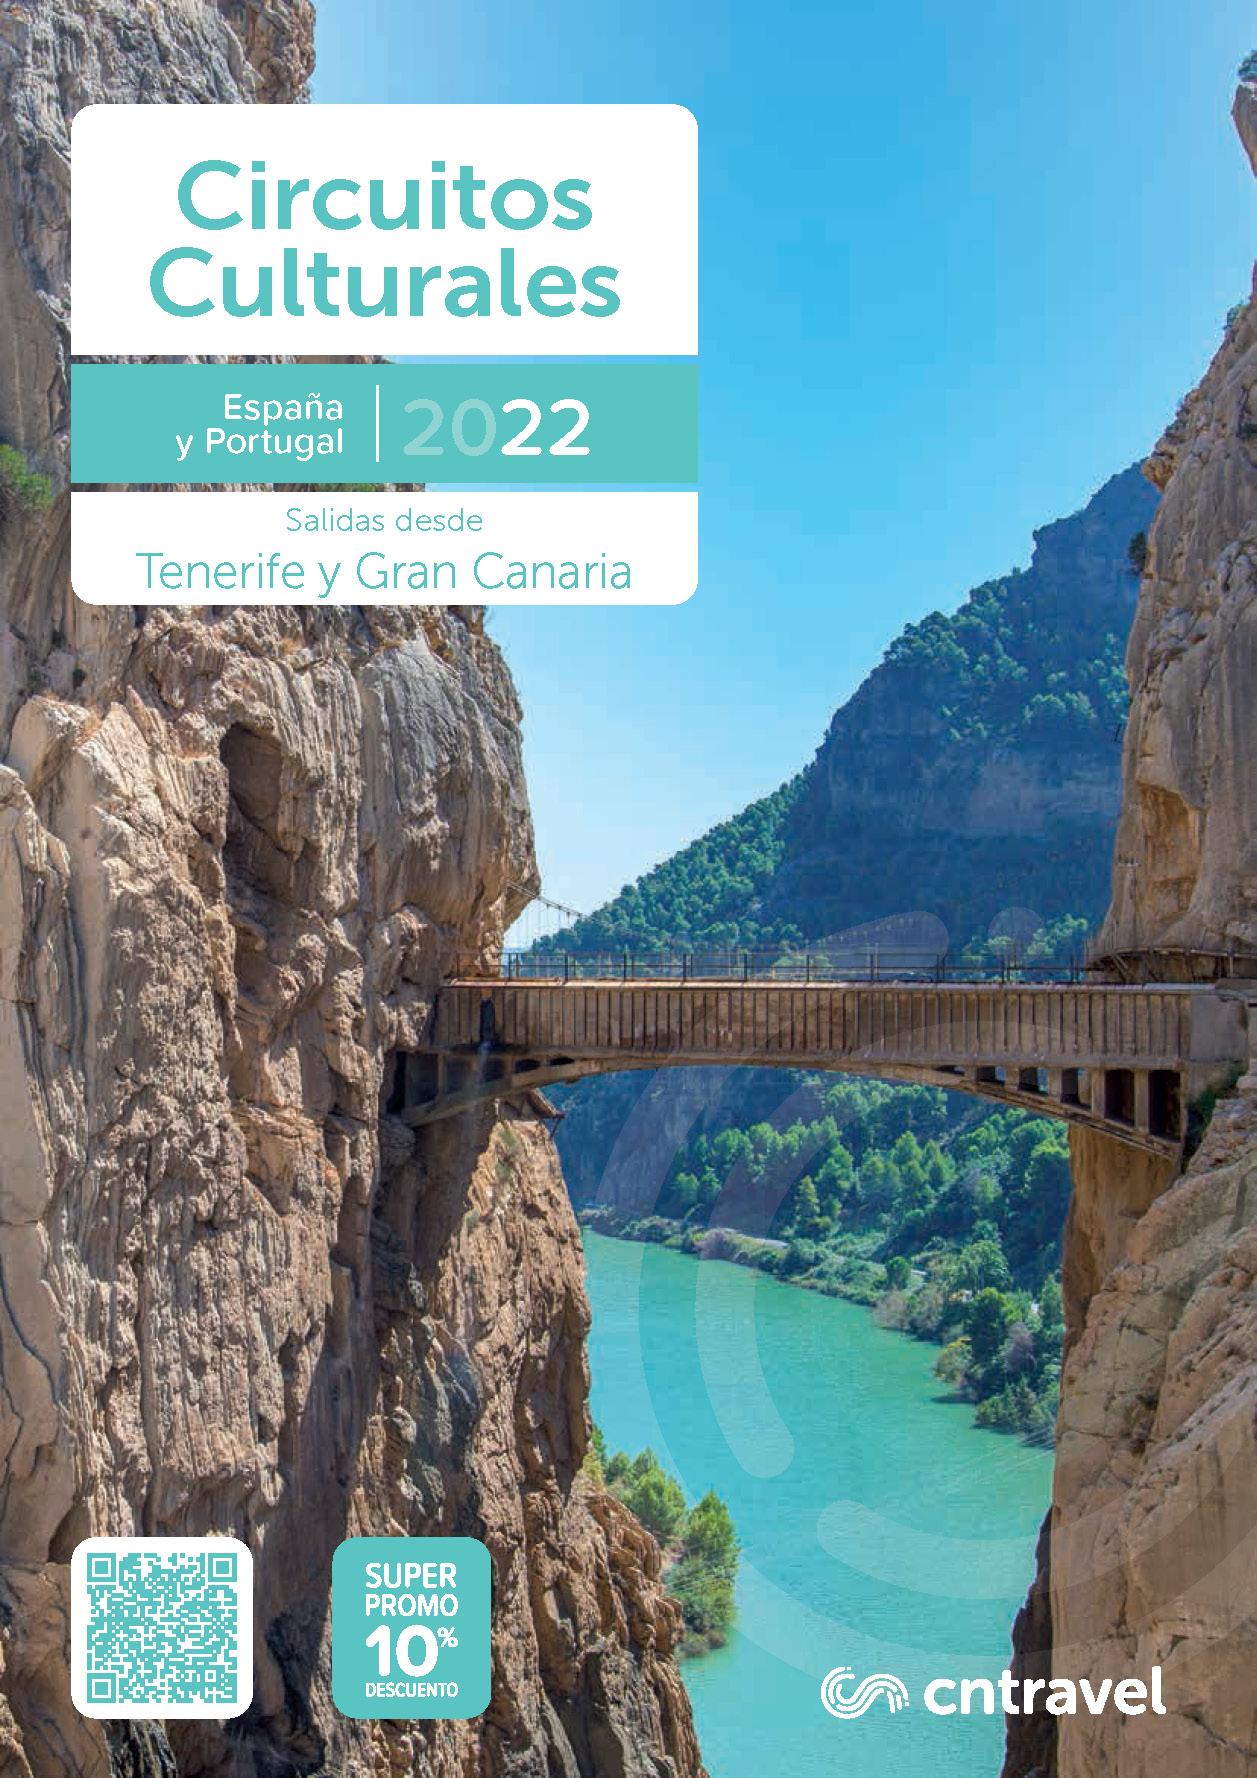 Catalogo CN Travel Circuitos Culturales 2022 Espana y Portugal salidas desde Tenerife y Gran Canaria